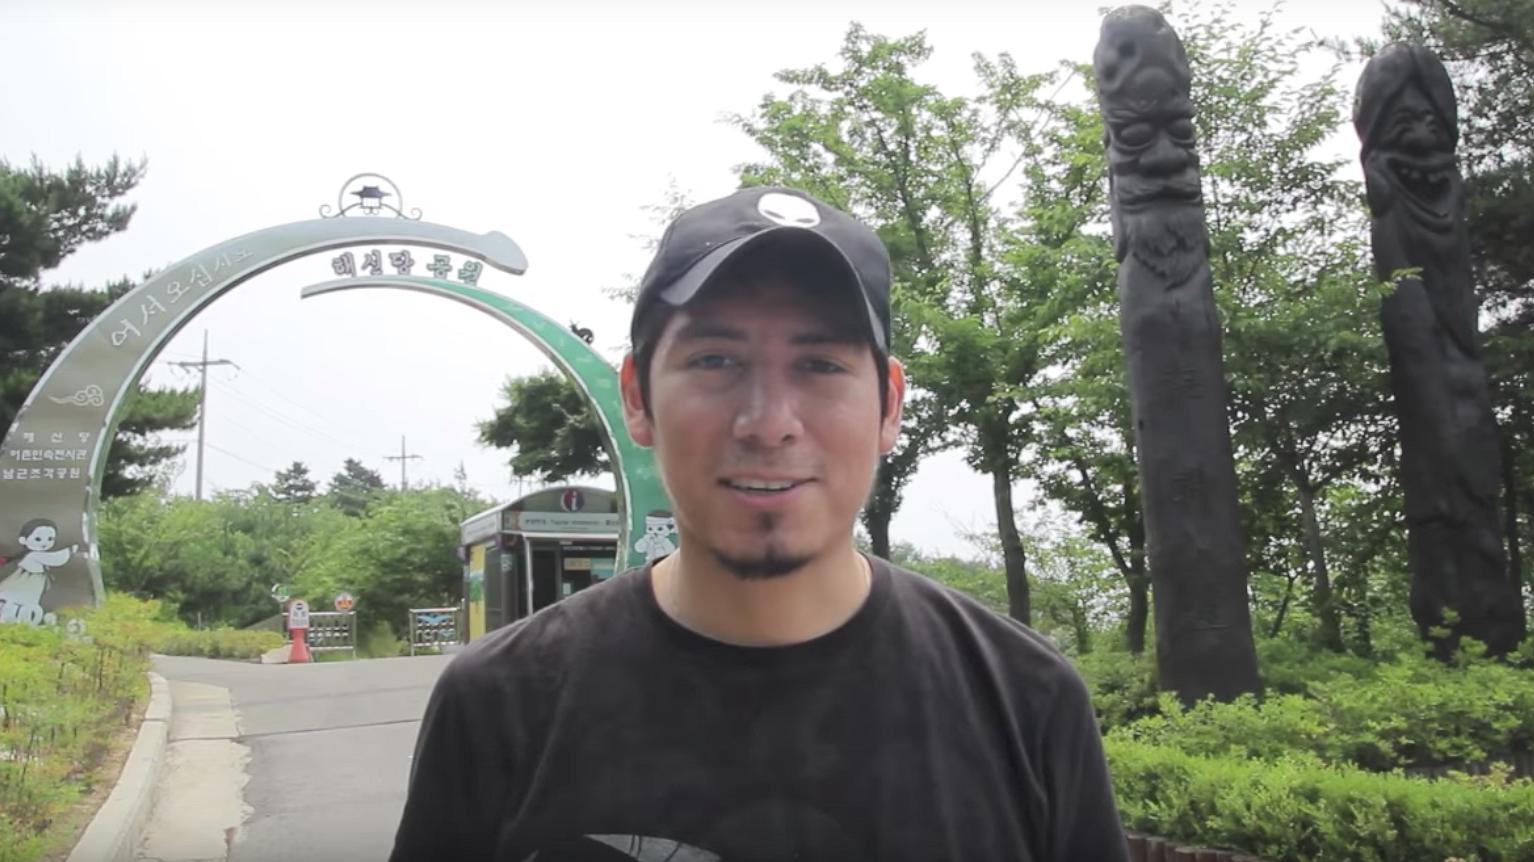 Neem een kijkje in dit bijzondere Zuid-Koreaanse park